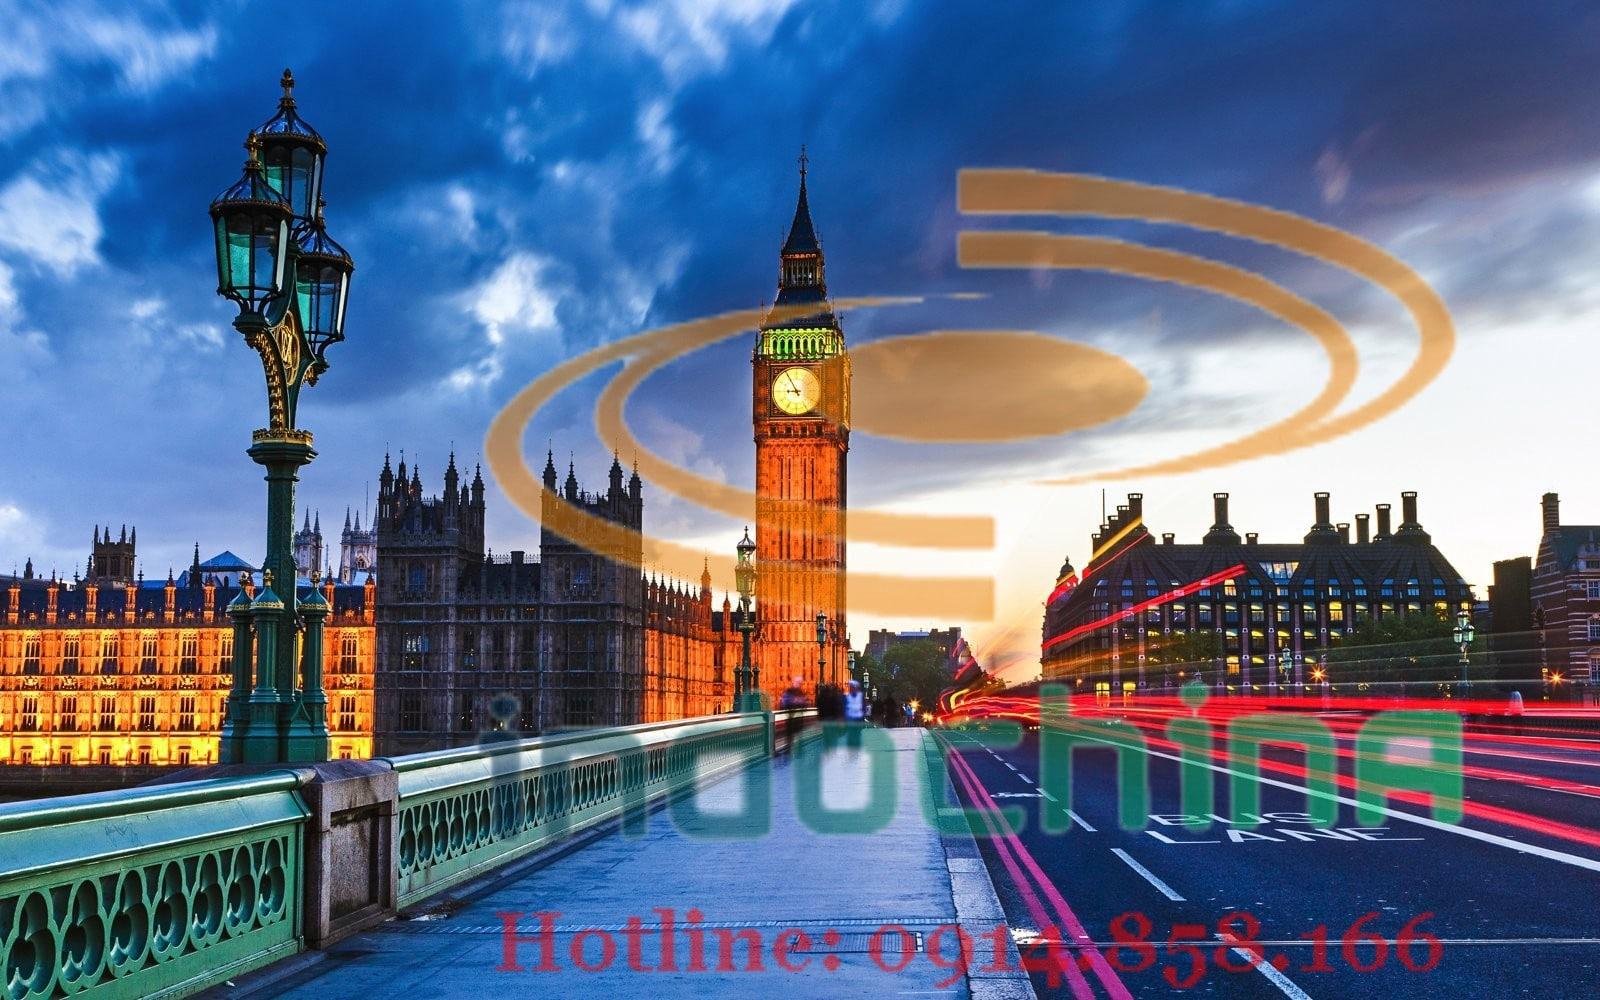 Dịch vụ vận chuyển ship hàng từ Anh về Việt Nam giá rẻ và chuyên nghiệp